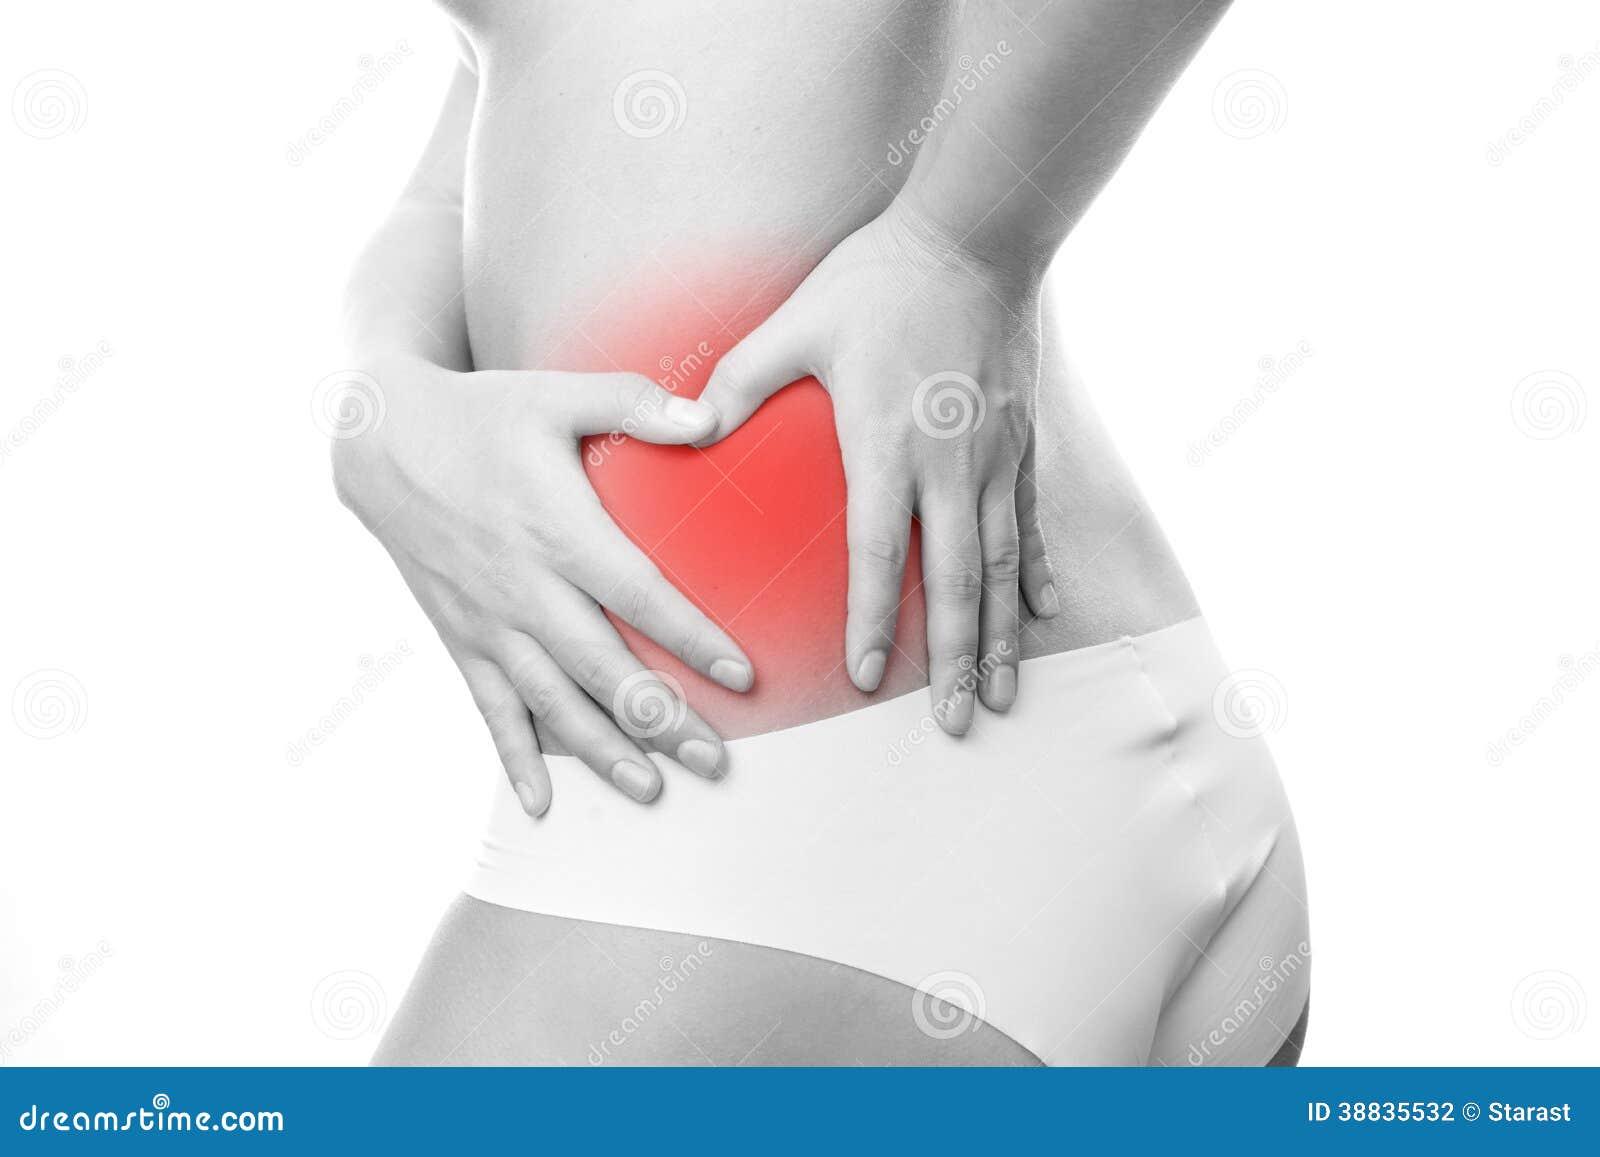 Würmer Schmerzen in der linken Seite